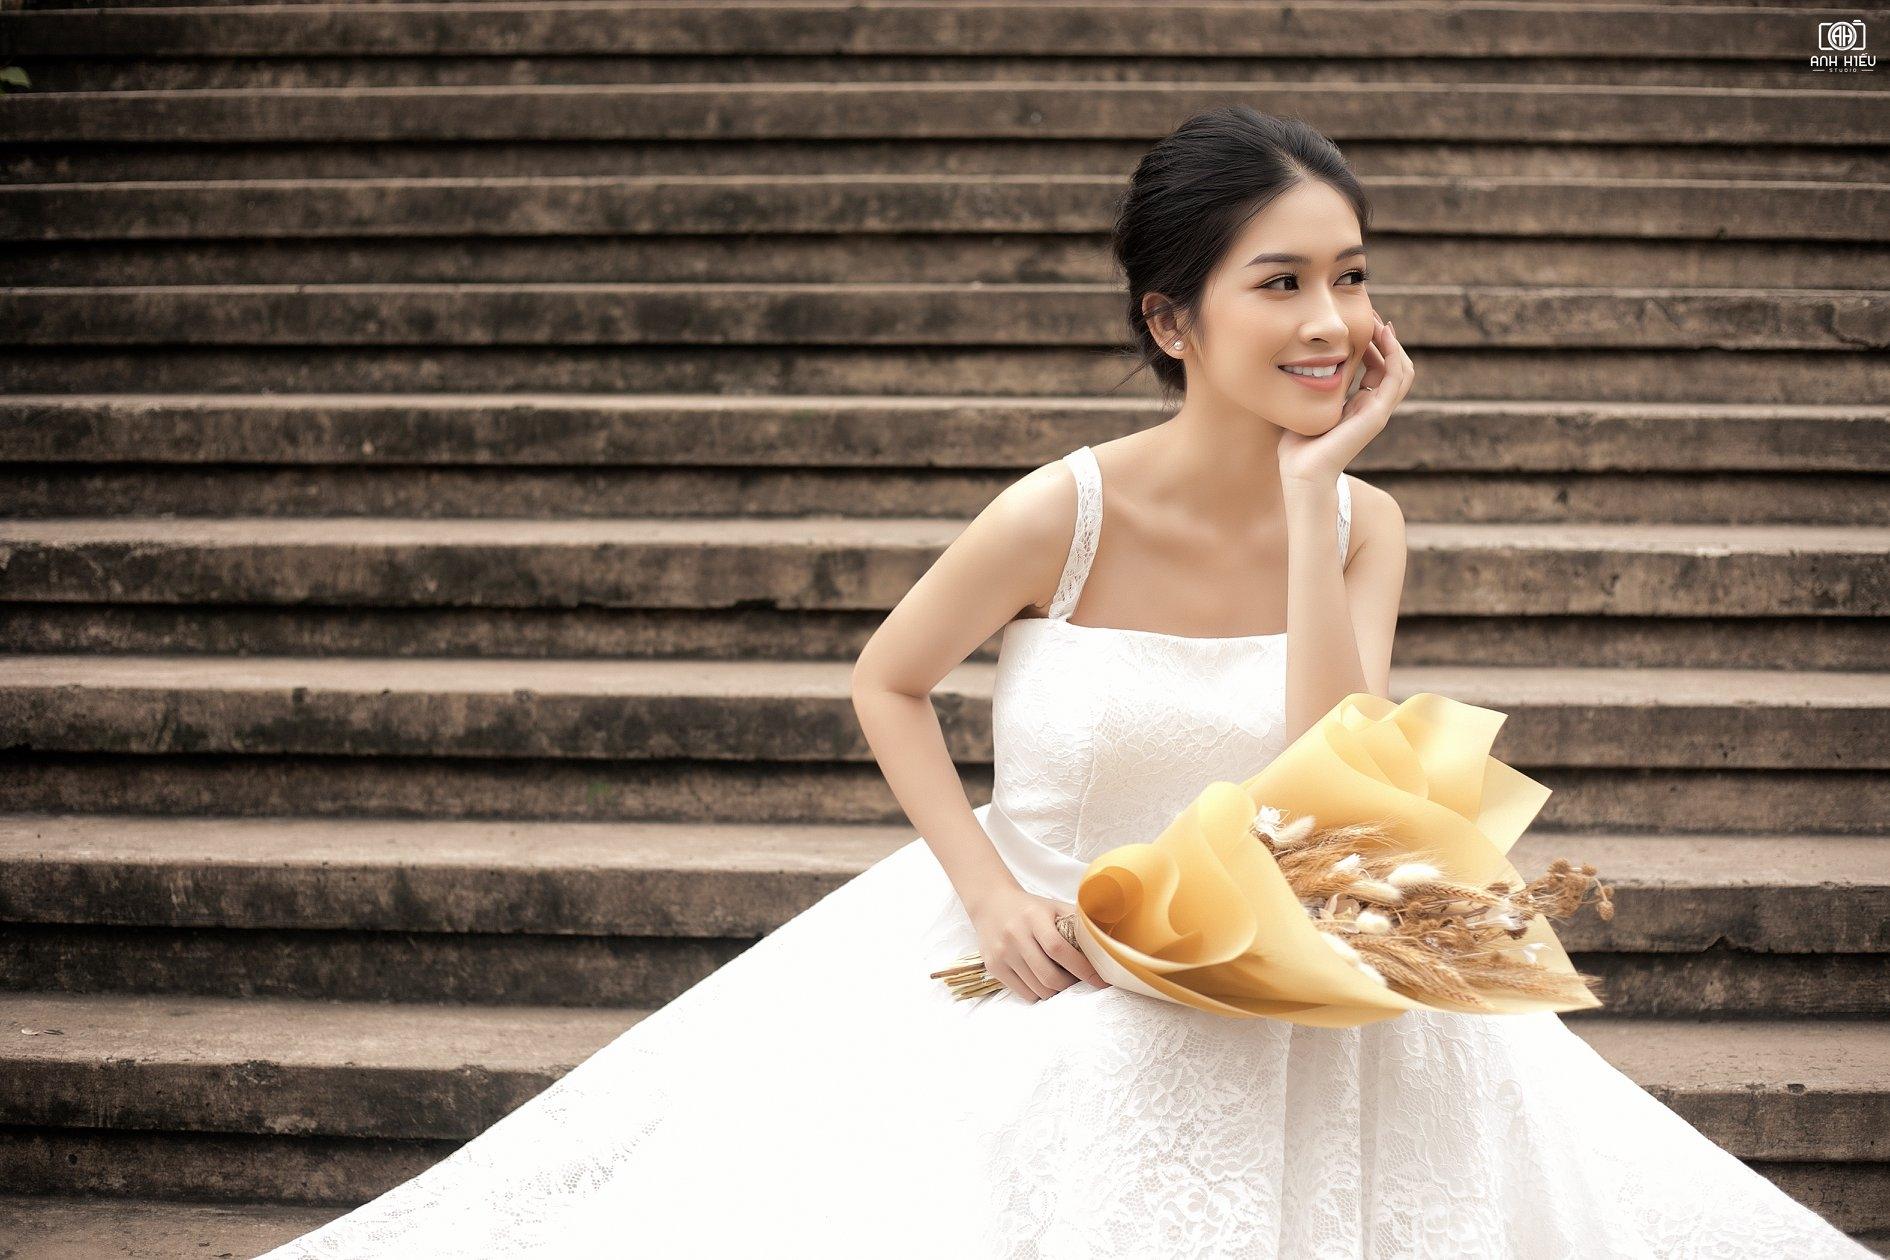 Hinh Cuoi Sai Gon Pho Album 4 (13)